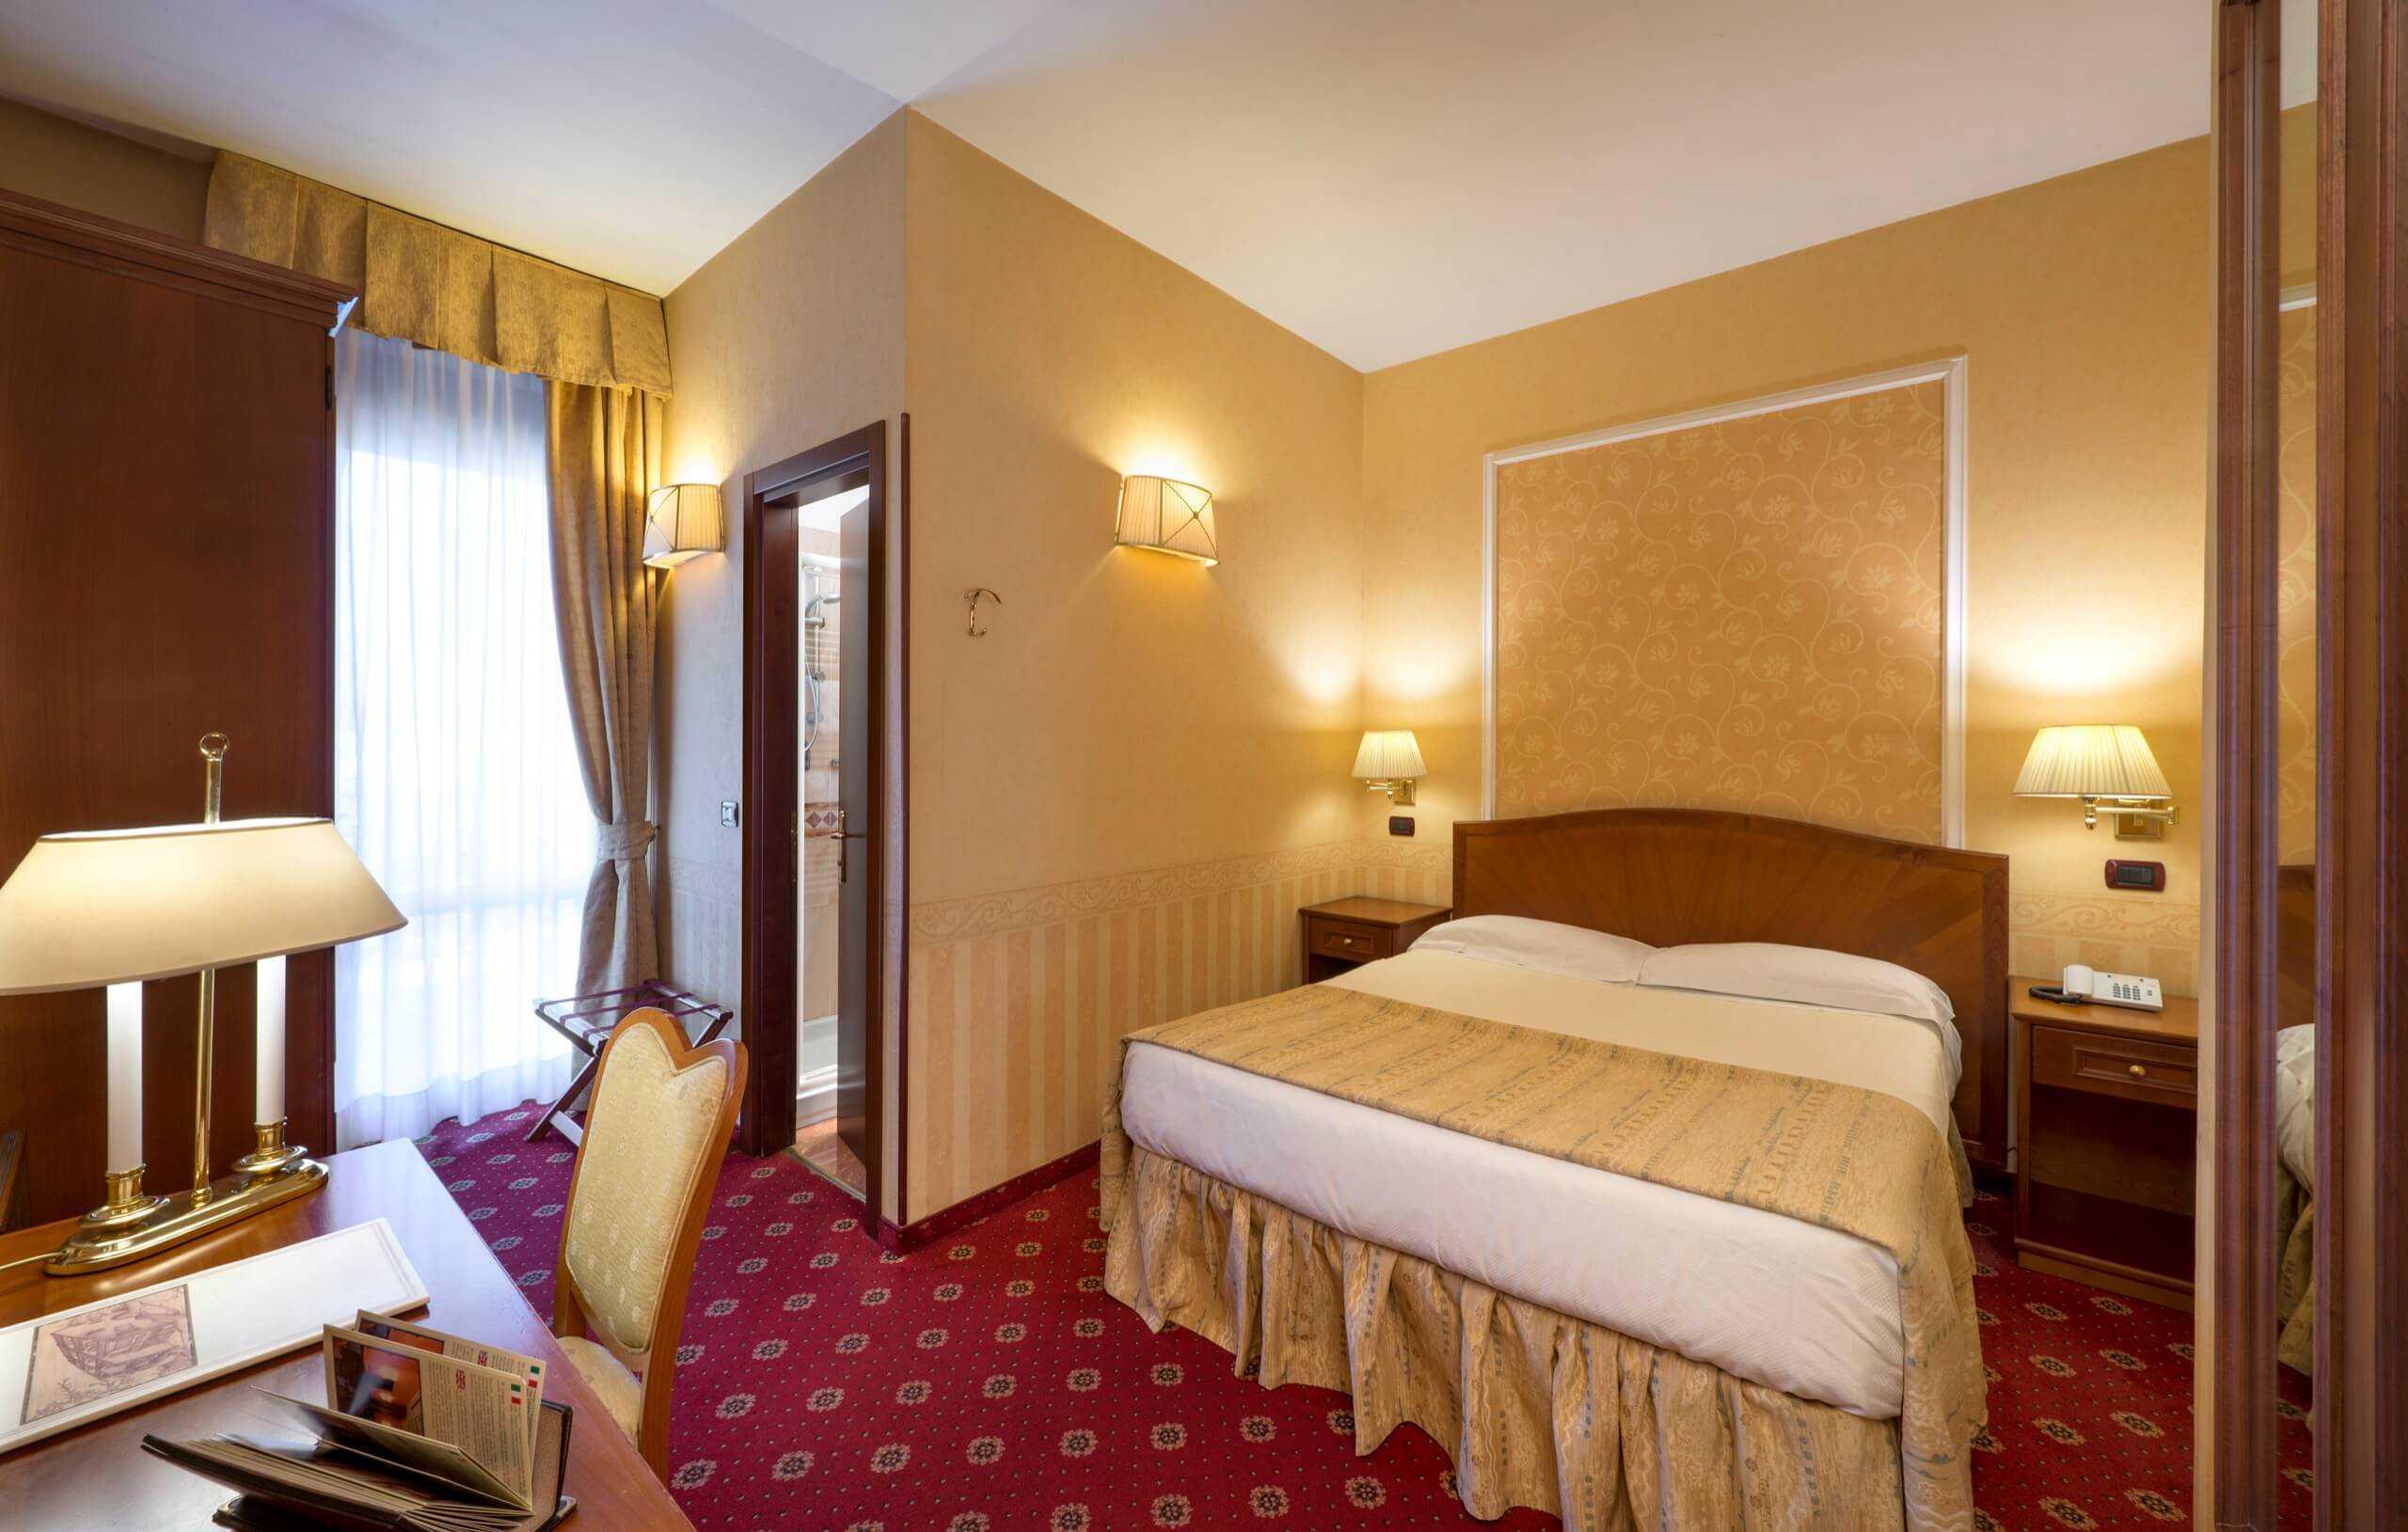 Camera doppia classic hotel 3 stelle a milano lancaster - Hotel con camere a tema milano ...